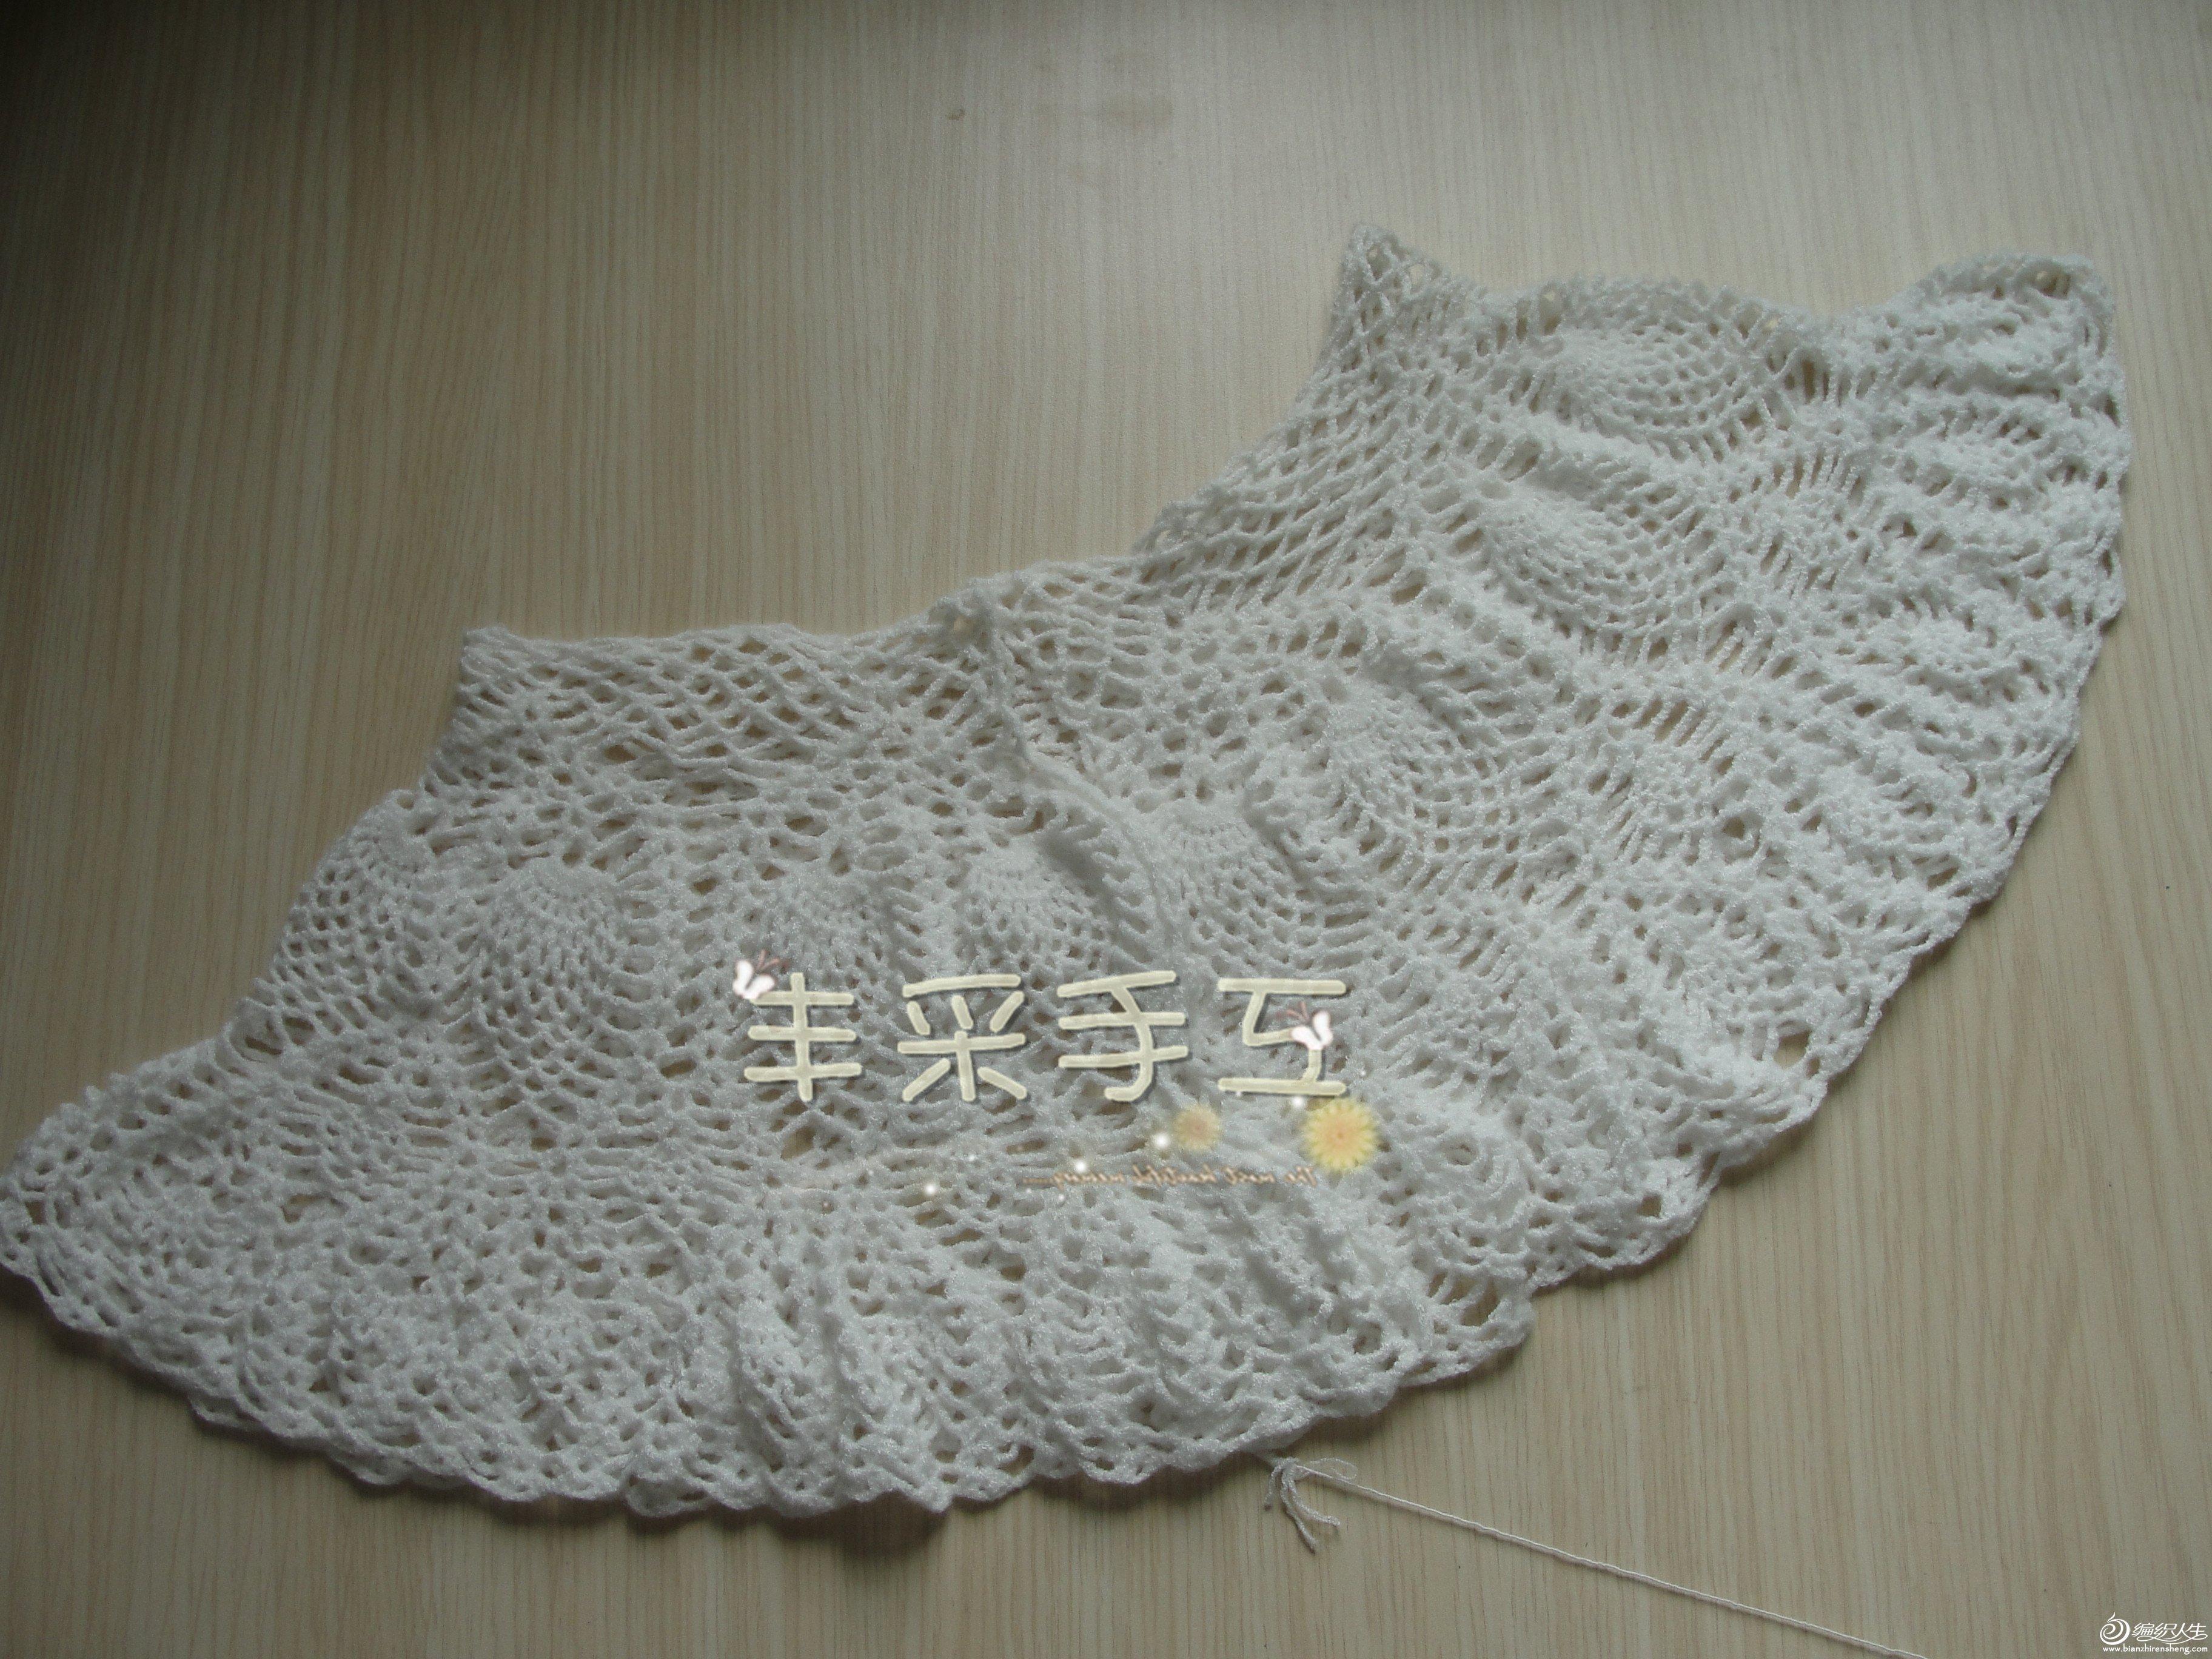 dsc04092_副本.jpg